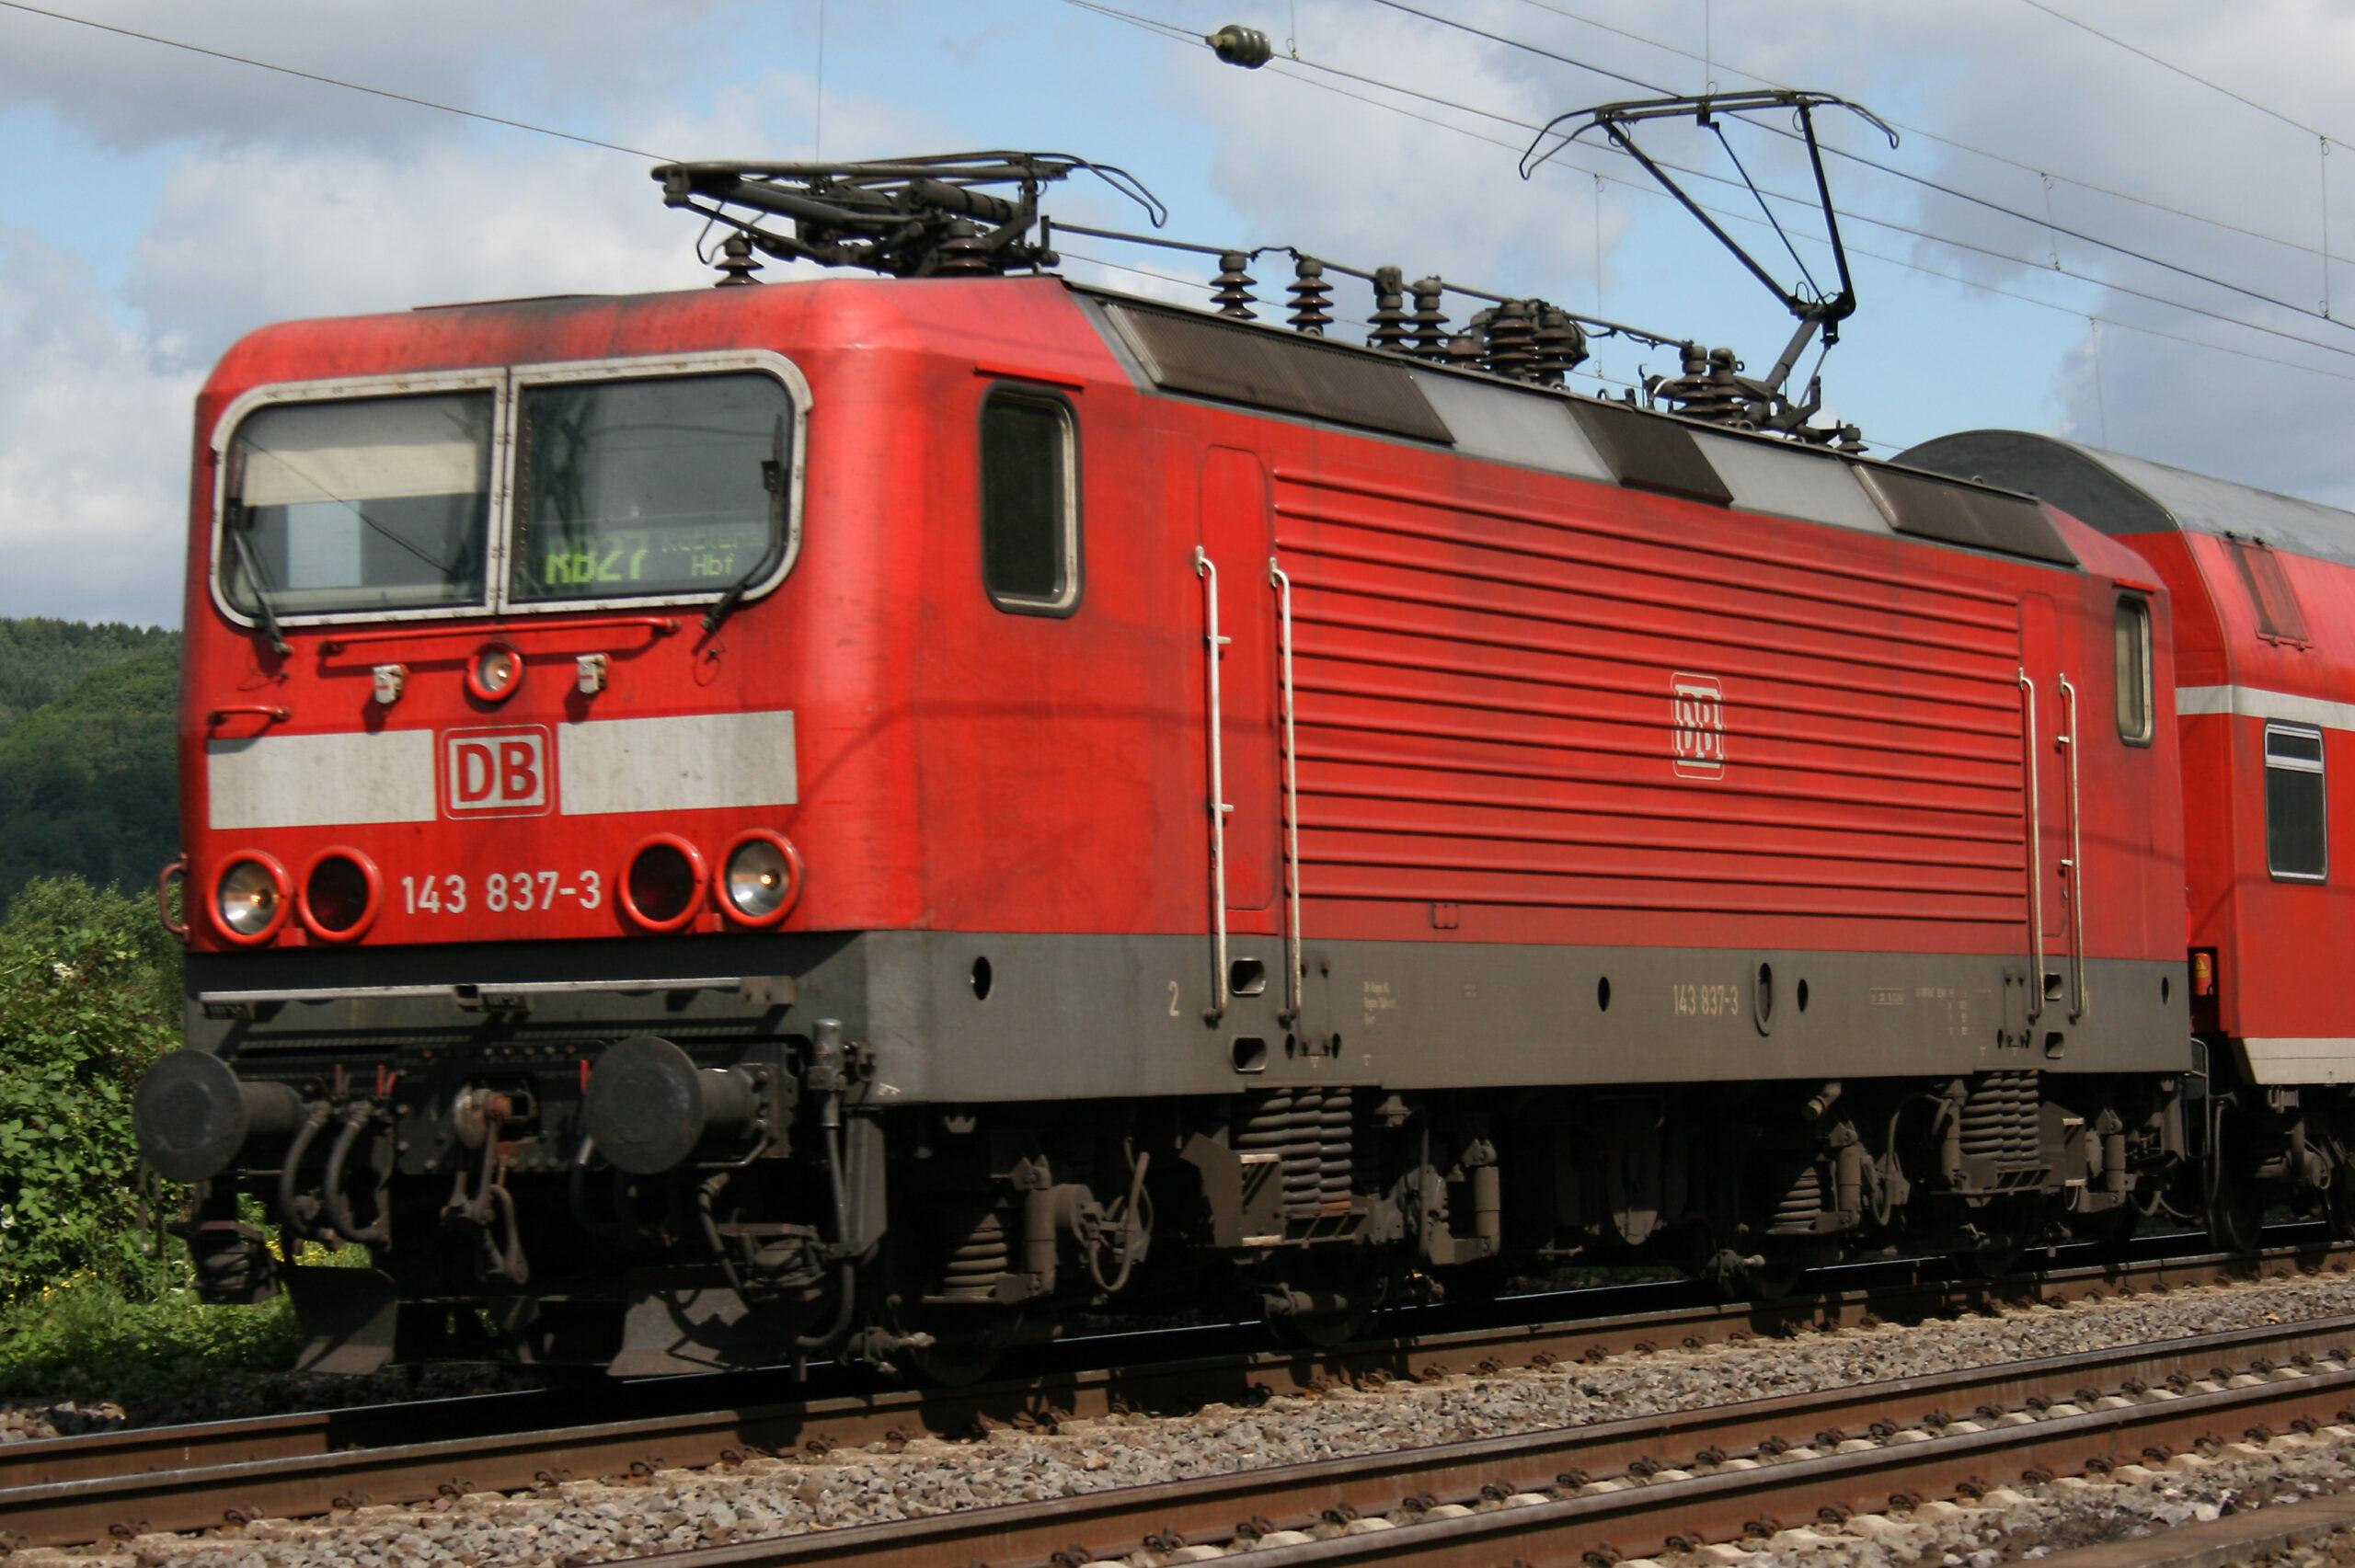 DB-Baureihe 143